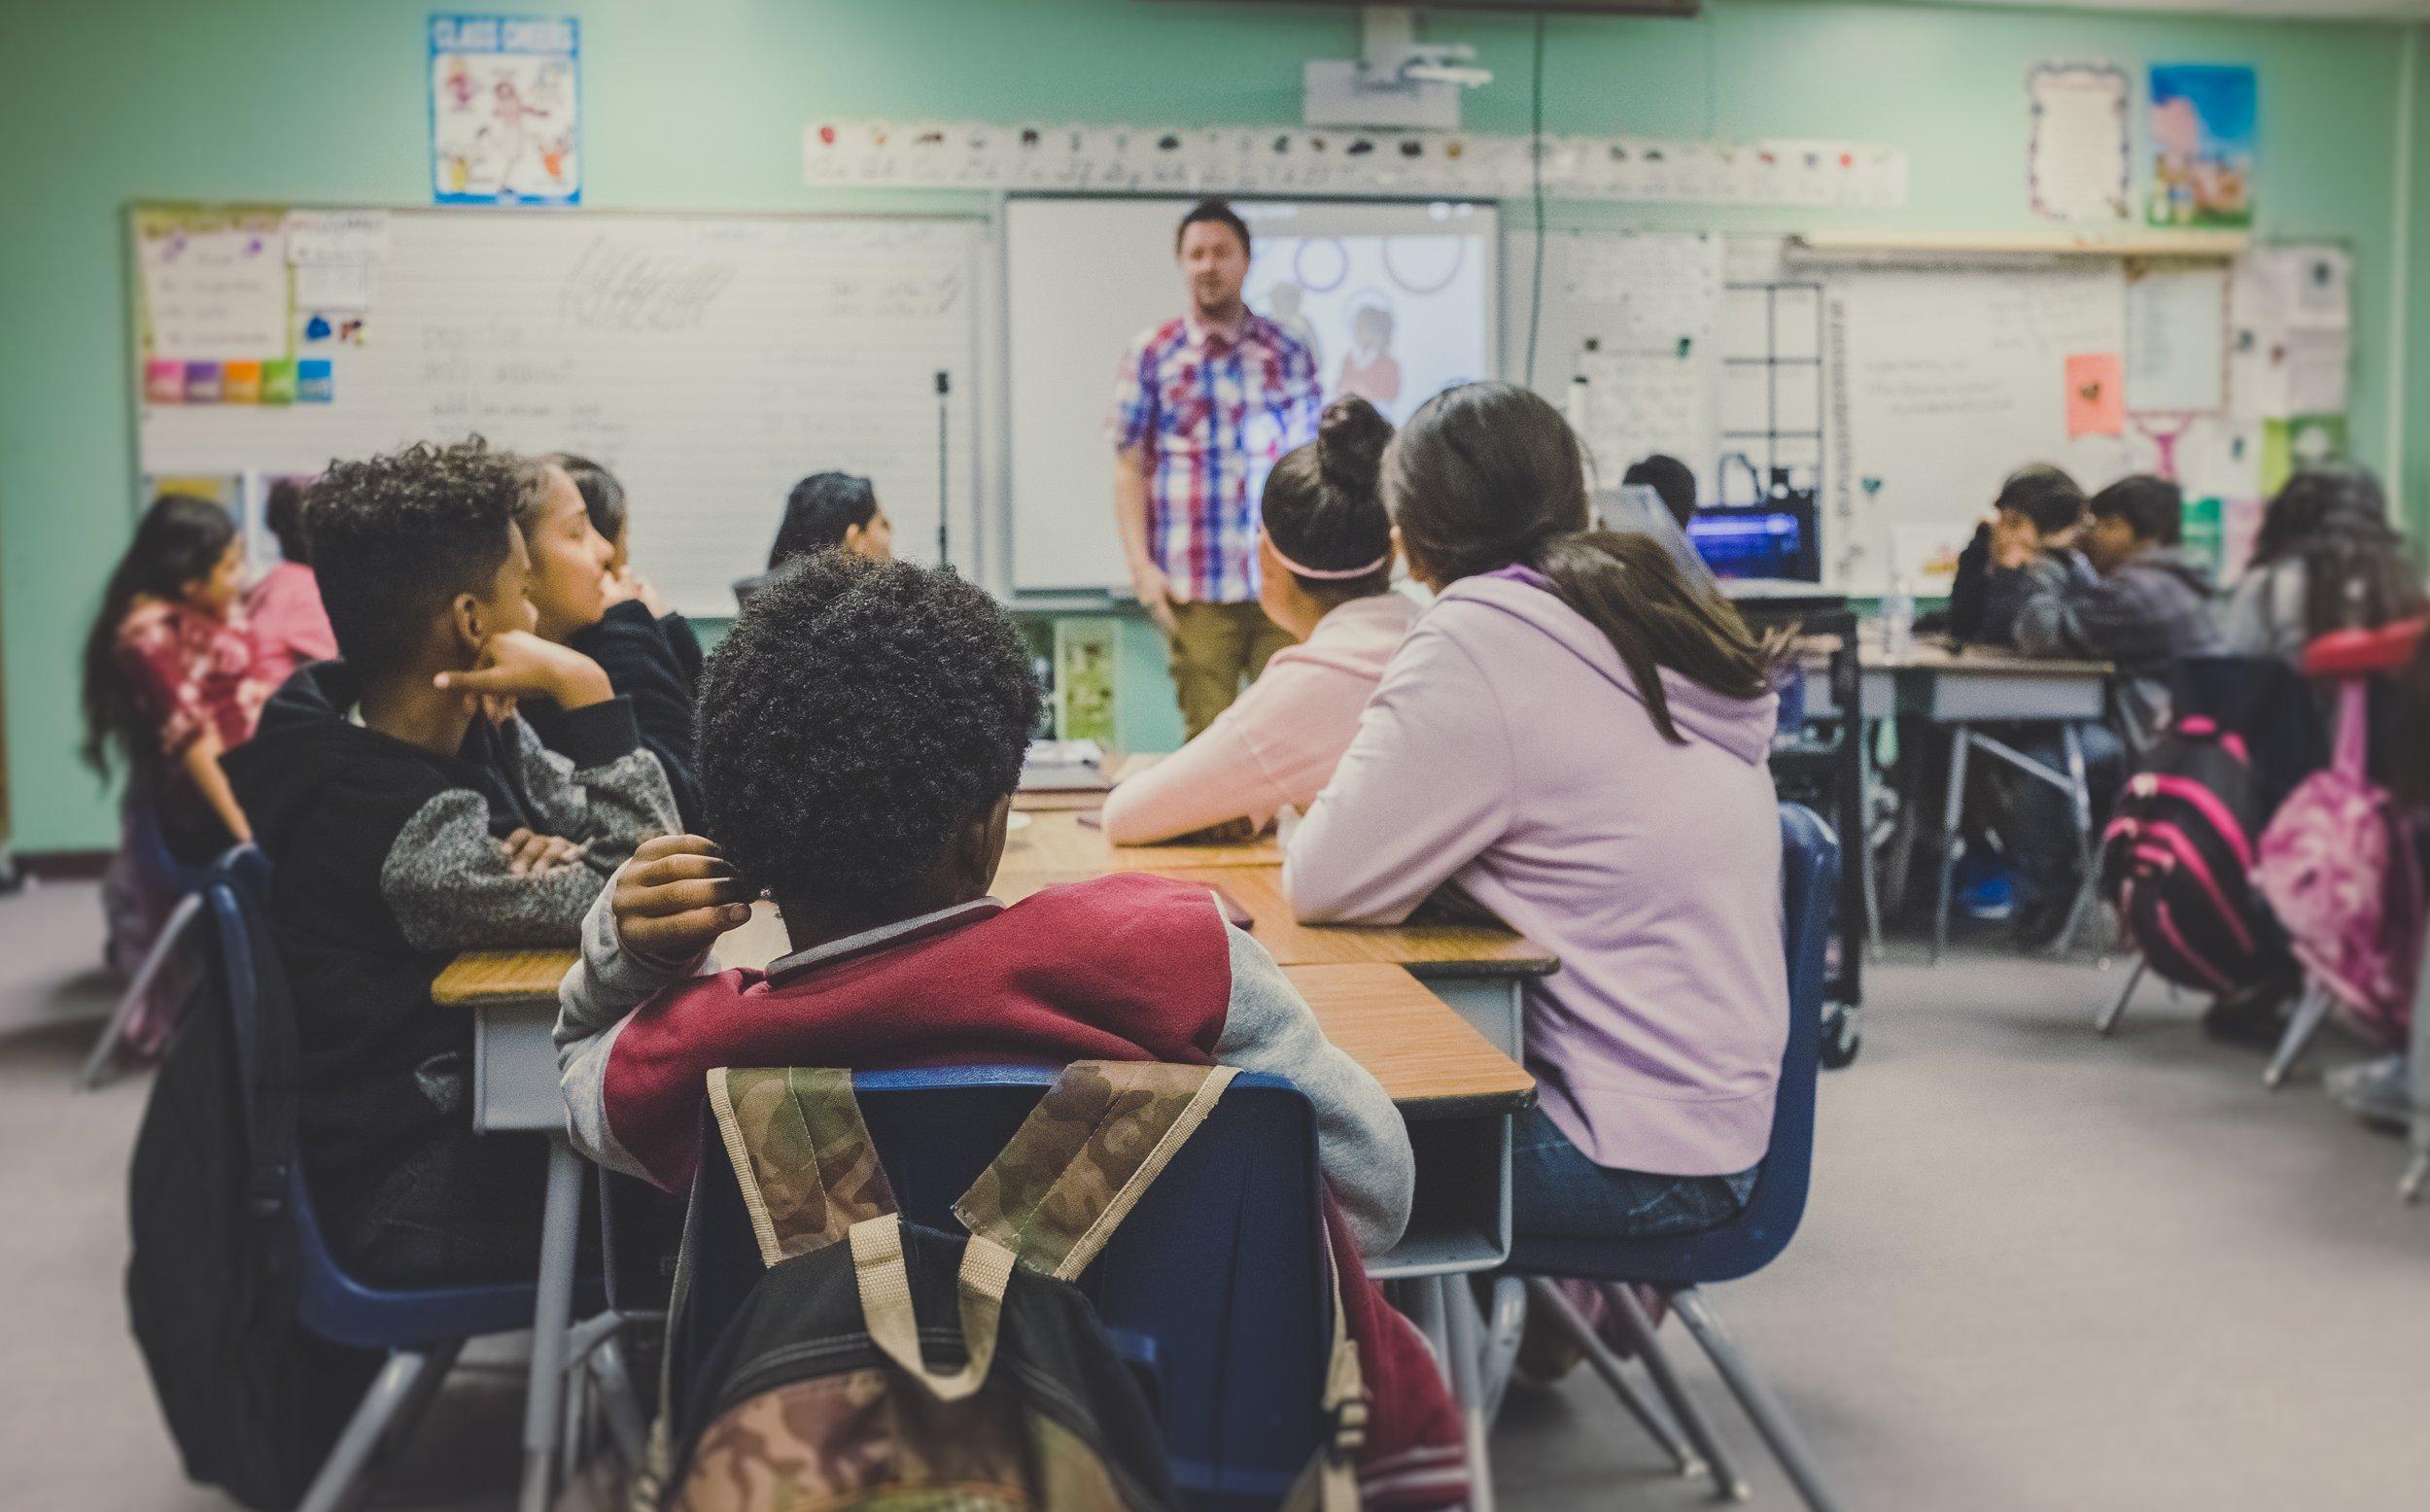 Mallette pédagogique pour animer en milieu scolaire - Informer les enfants et adolescents en milieu scolaire pour lever les a priori et diffuser des messages.